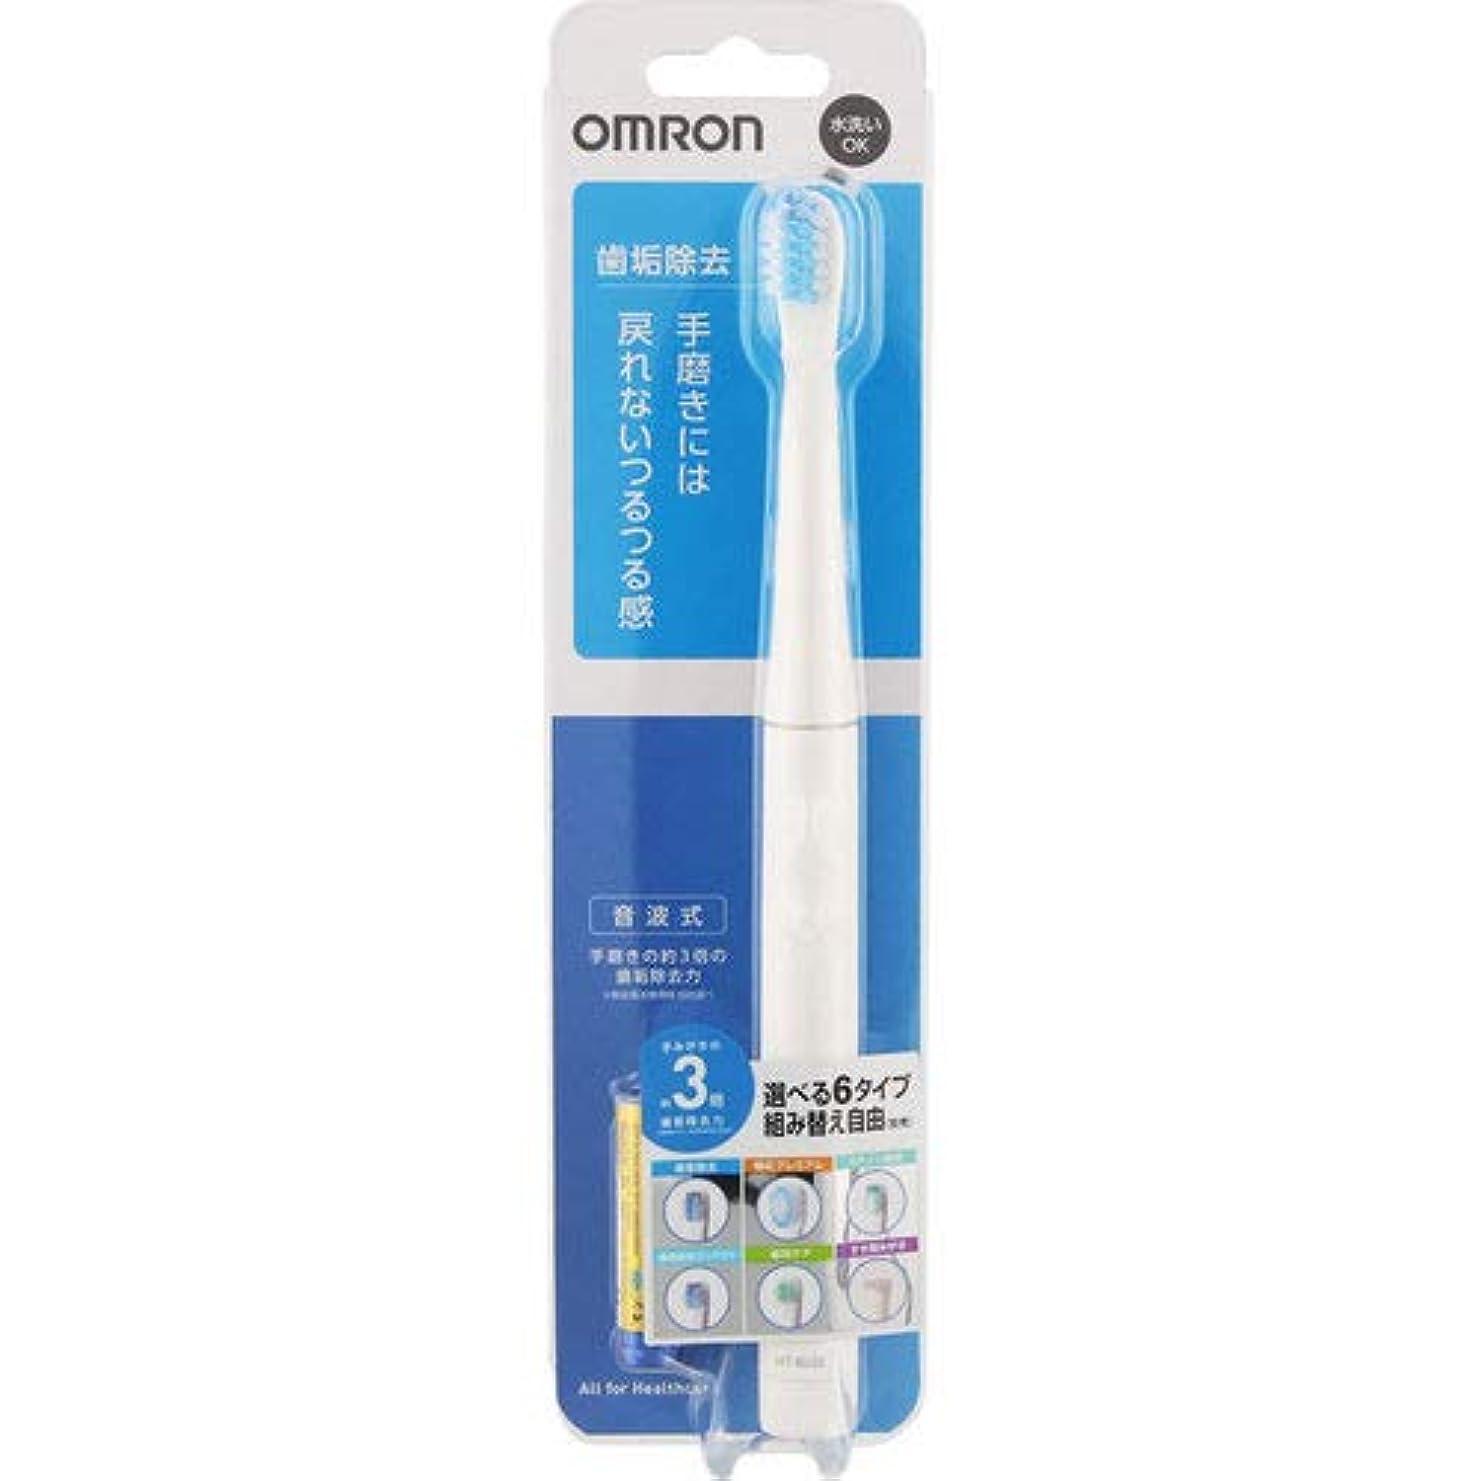 におい保安わなオムロン 電動歯ブラシ HT-B220-W ホワイト 電池式